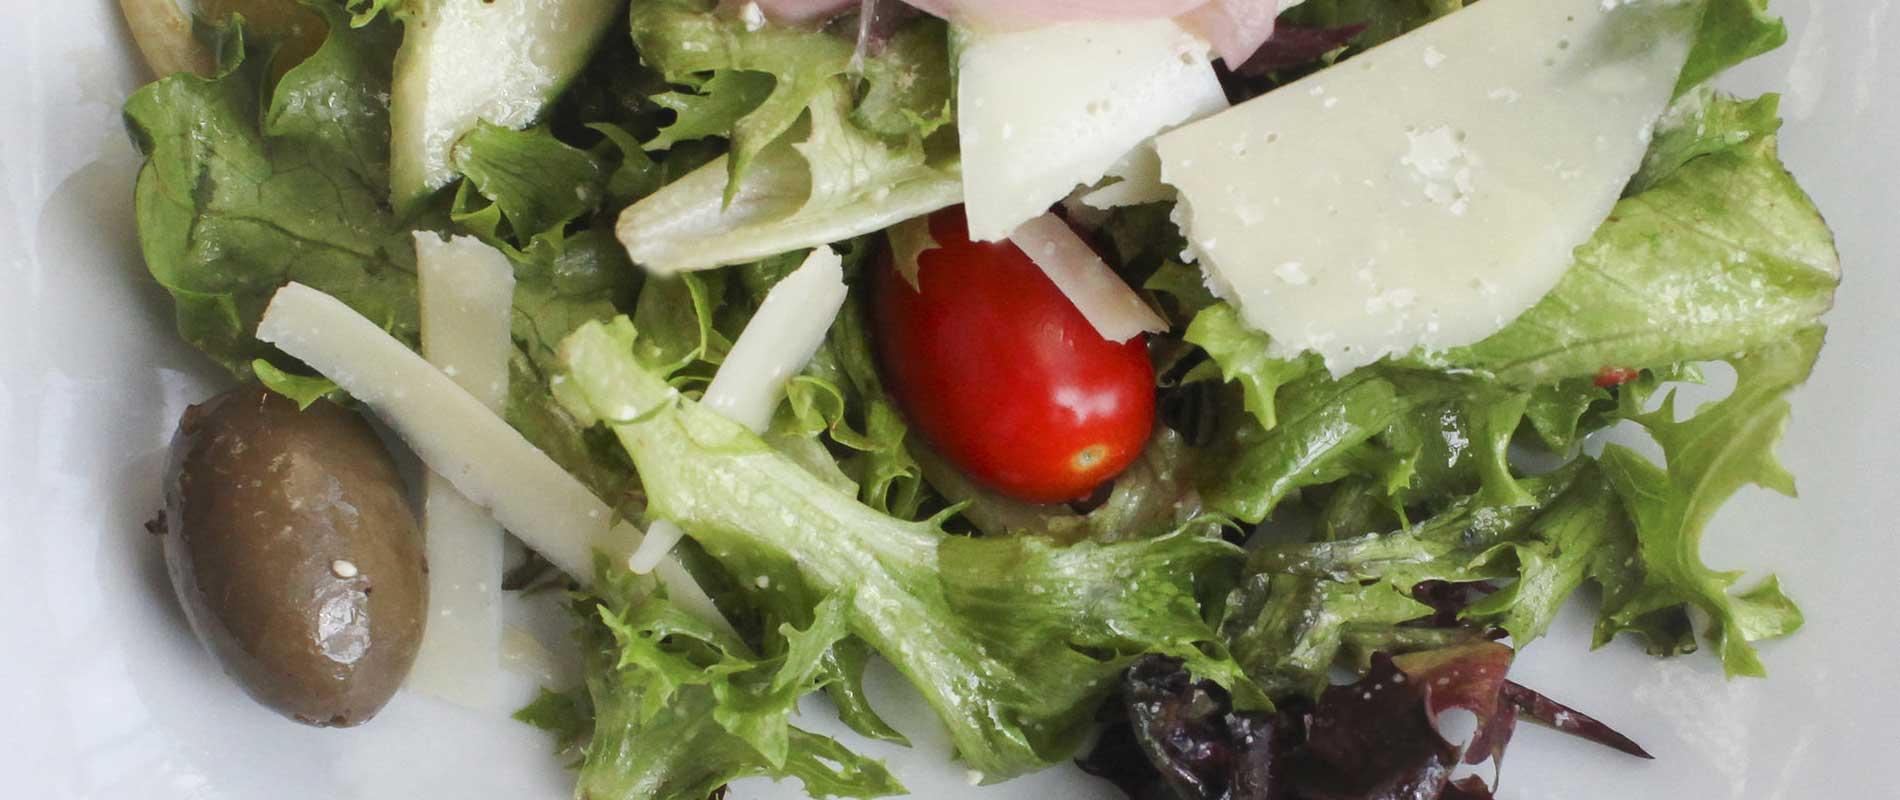 Salad at Market House Cafe